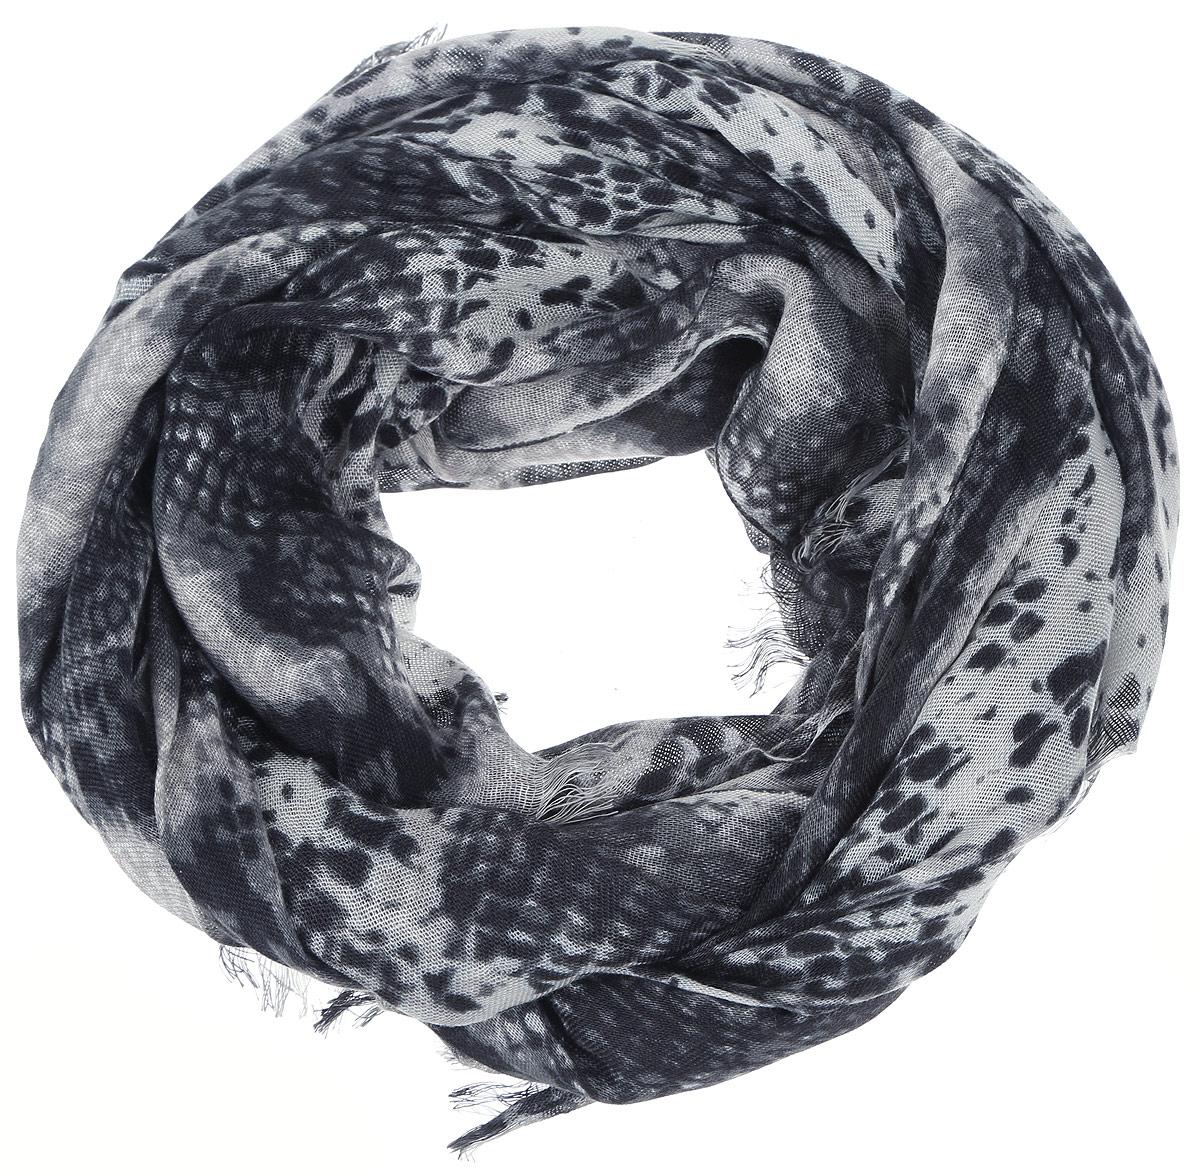 ШарфSCw-142/450-6302Женский шарф Sela, изготовленный из 100% вискозы, подчеркнет вашу индивидуальность. Благодаря своему составу, он легкий, мягкий и приятный на ощупь. Изделие оформлено оригинальным орнаментом. Такой аксессуар станет стильным дополнением к гардеробу современной женщины.